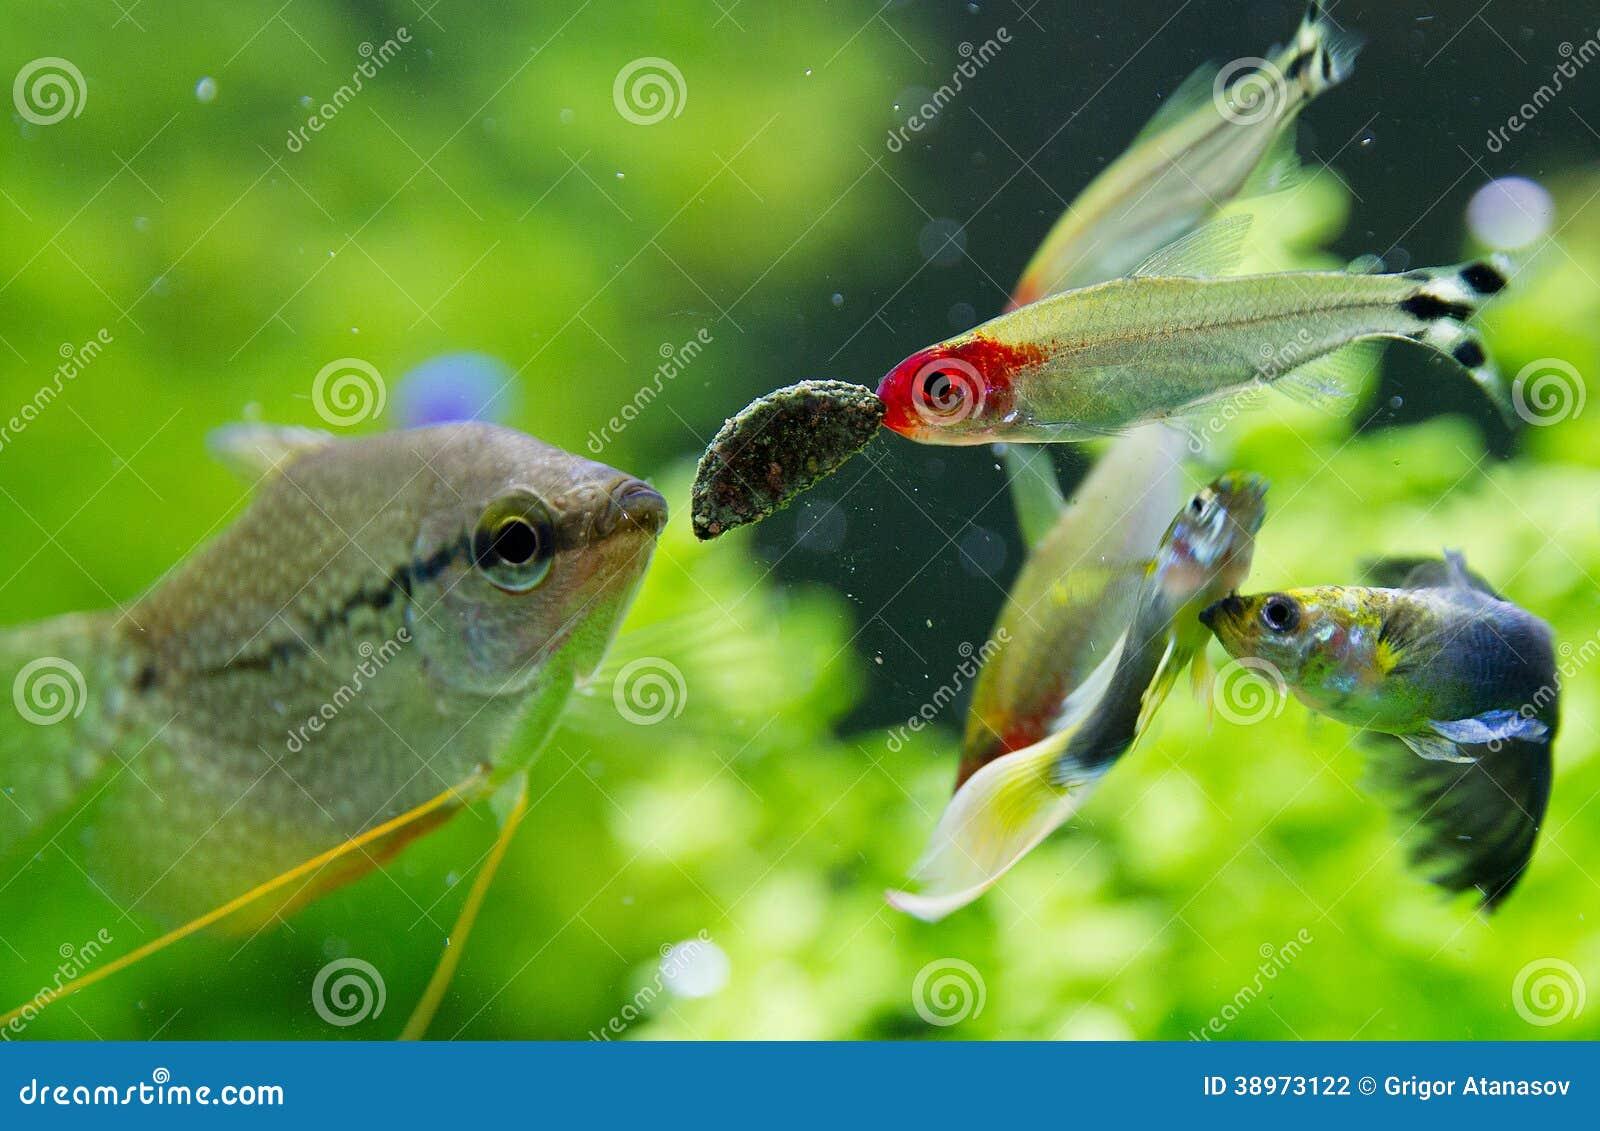 Freshwater aquarium fish exotic - Exotic Fish In Freshwater Aquarium